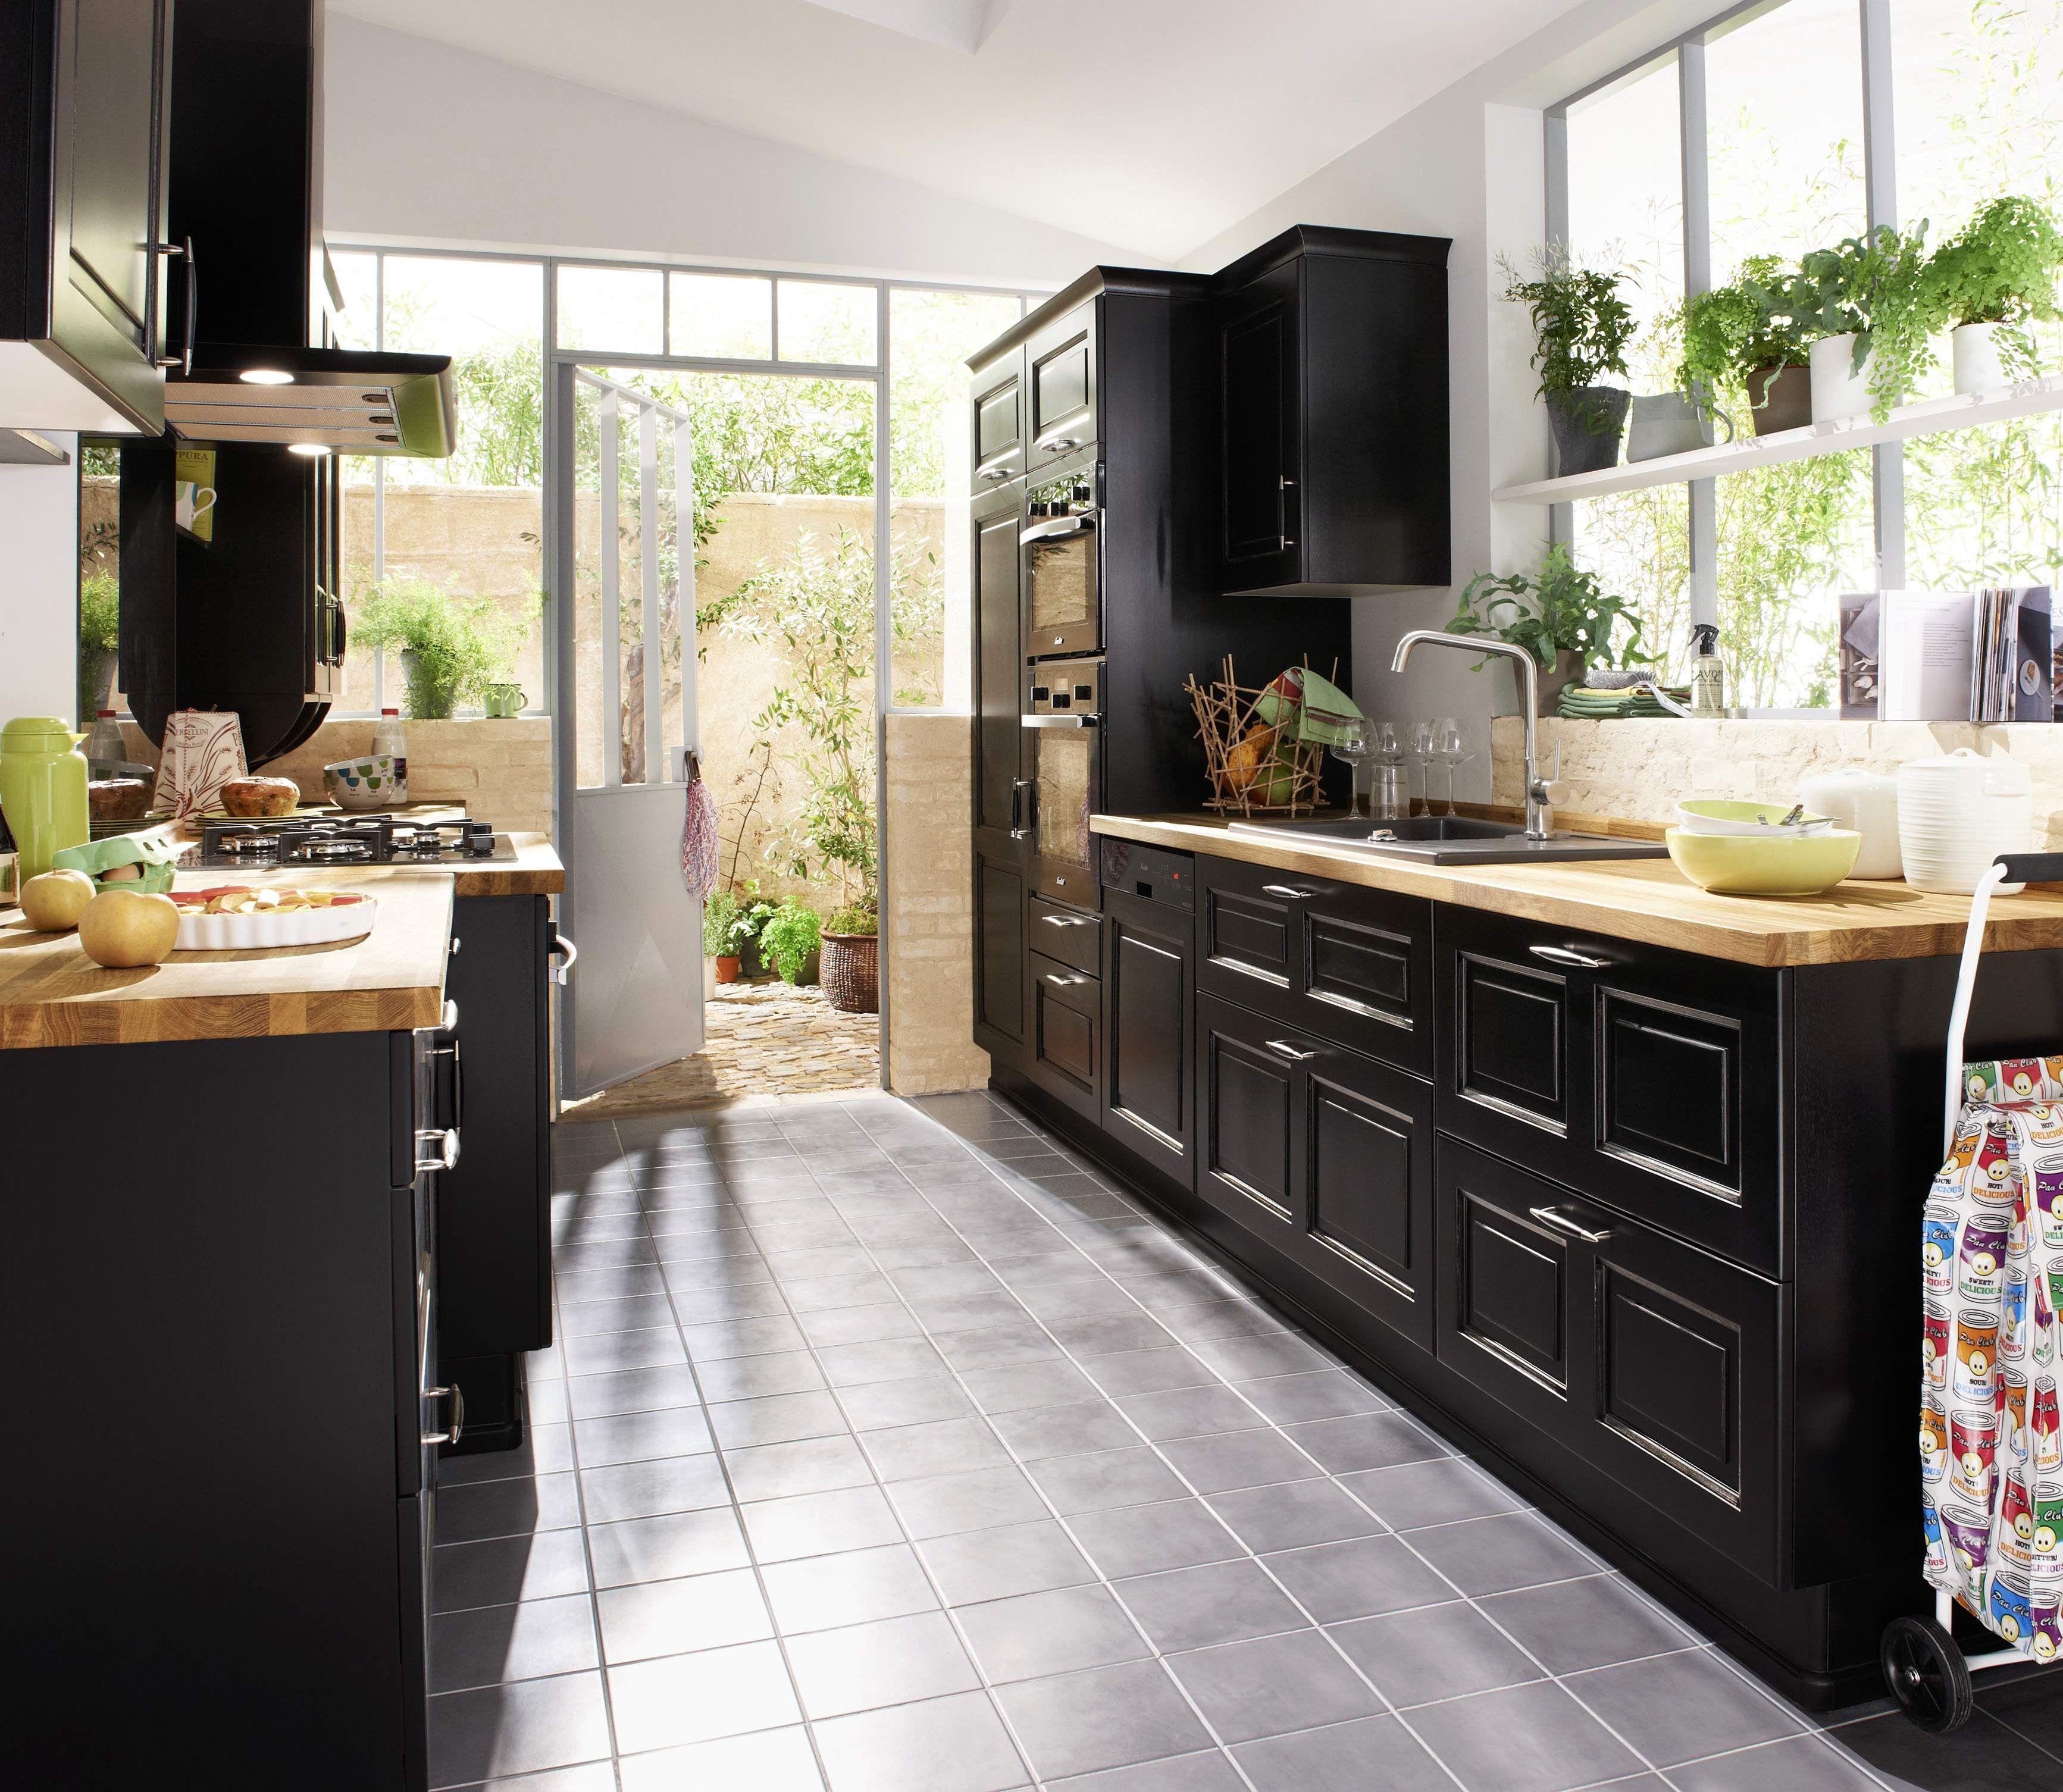 cuisine bistro noir vieilli la cuisine bistro est un modele vintage dote d un charme retro original son noir vieilli et ses portes de meubles